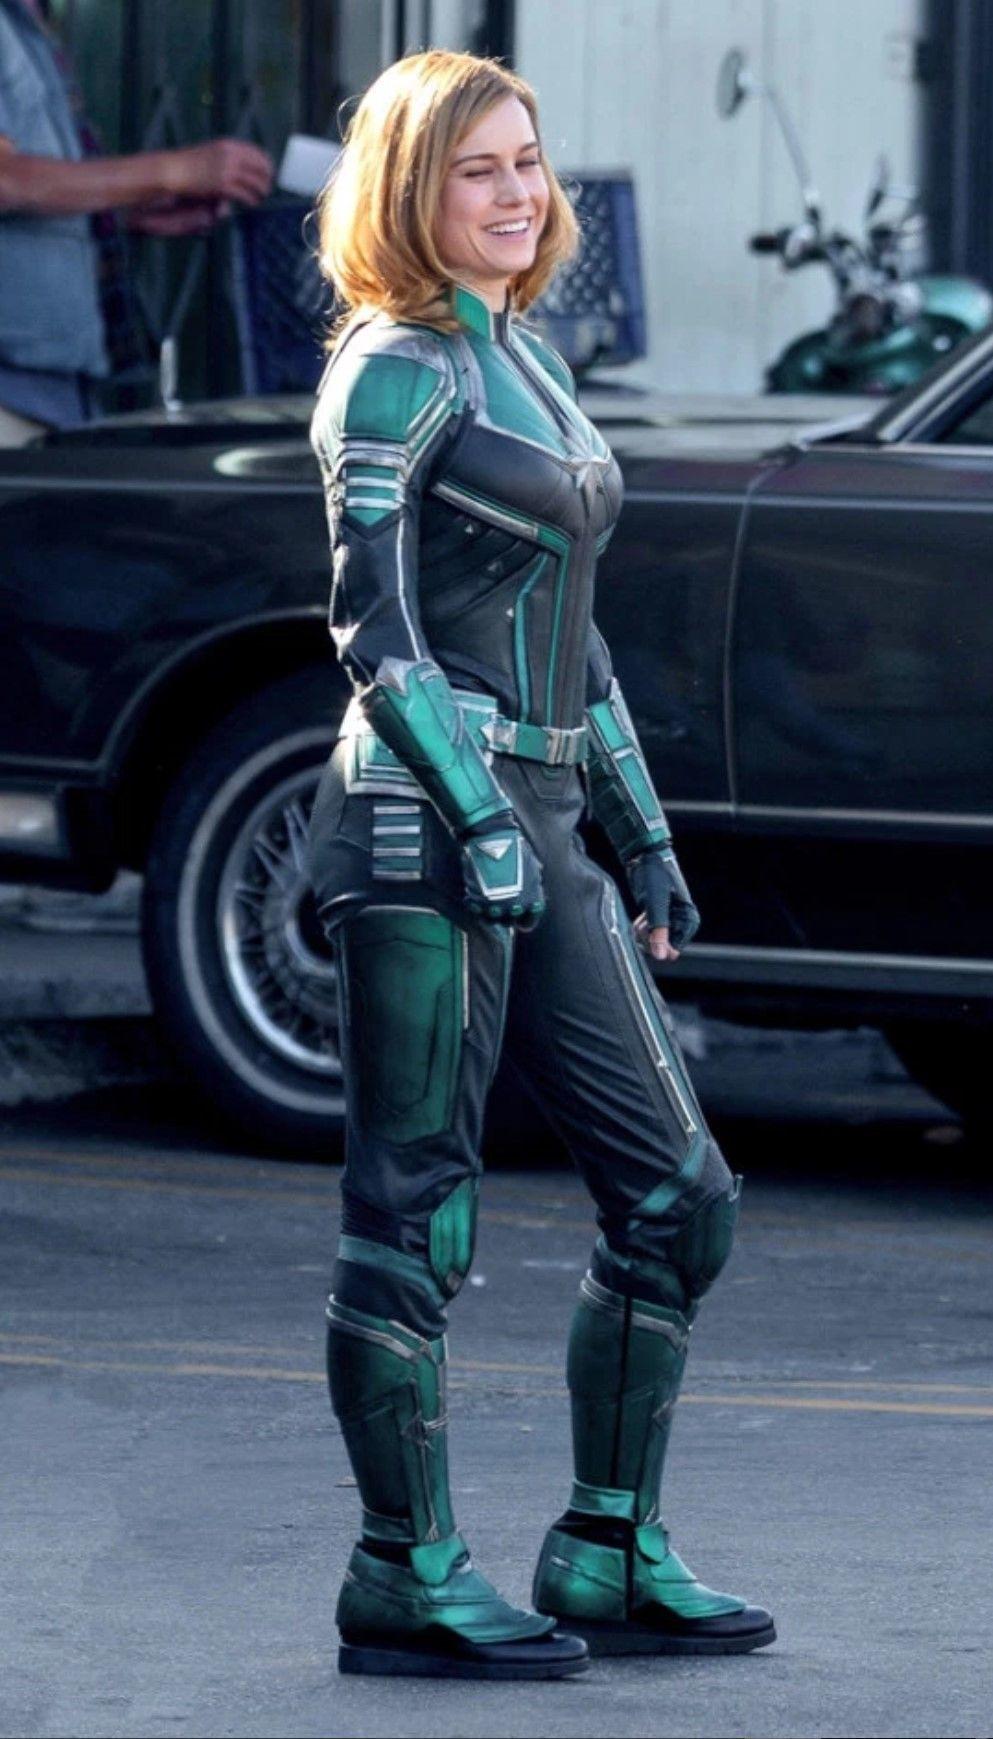 Captain Marvel kostümü ile ilk fotoğrafı yayınlandı